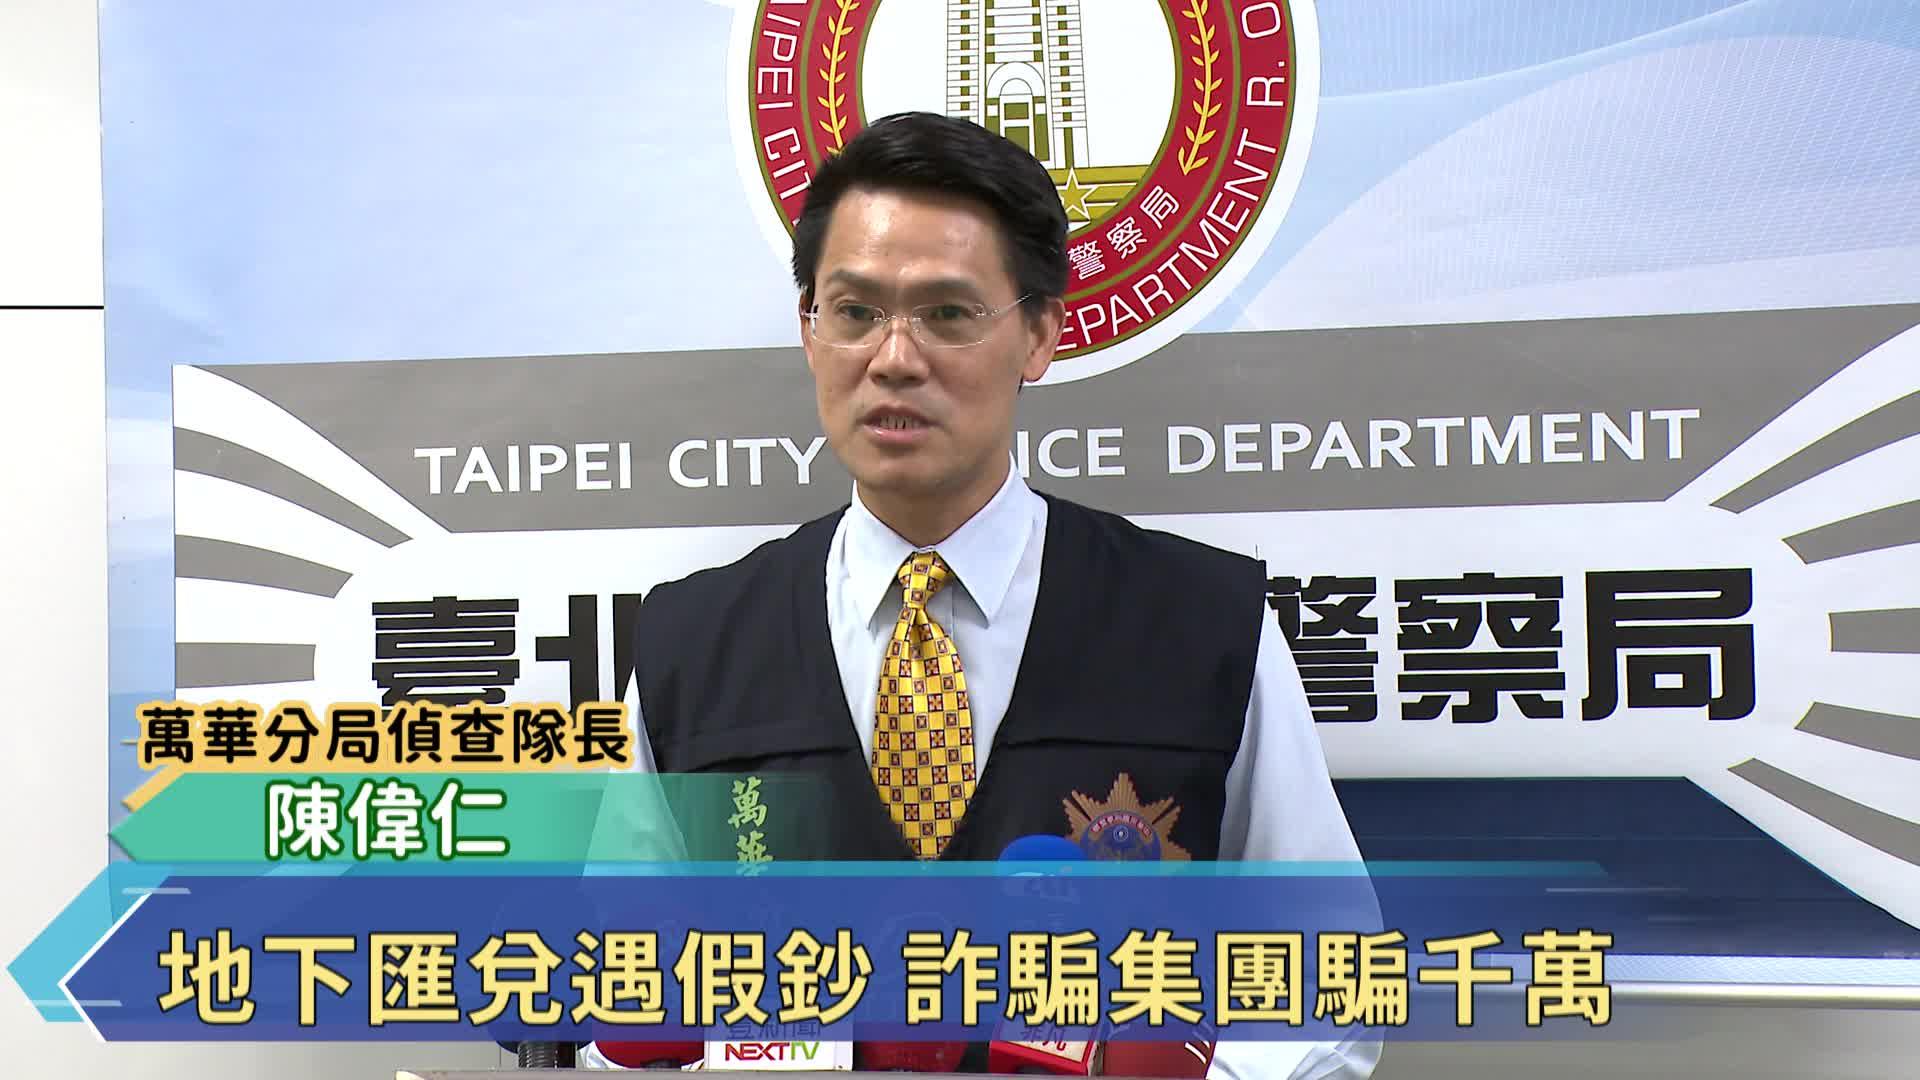 快新聞/中國收割台灣快篩是假訊息! 影片「時間錯置」成破綻 發言內容全曝光